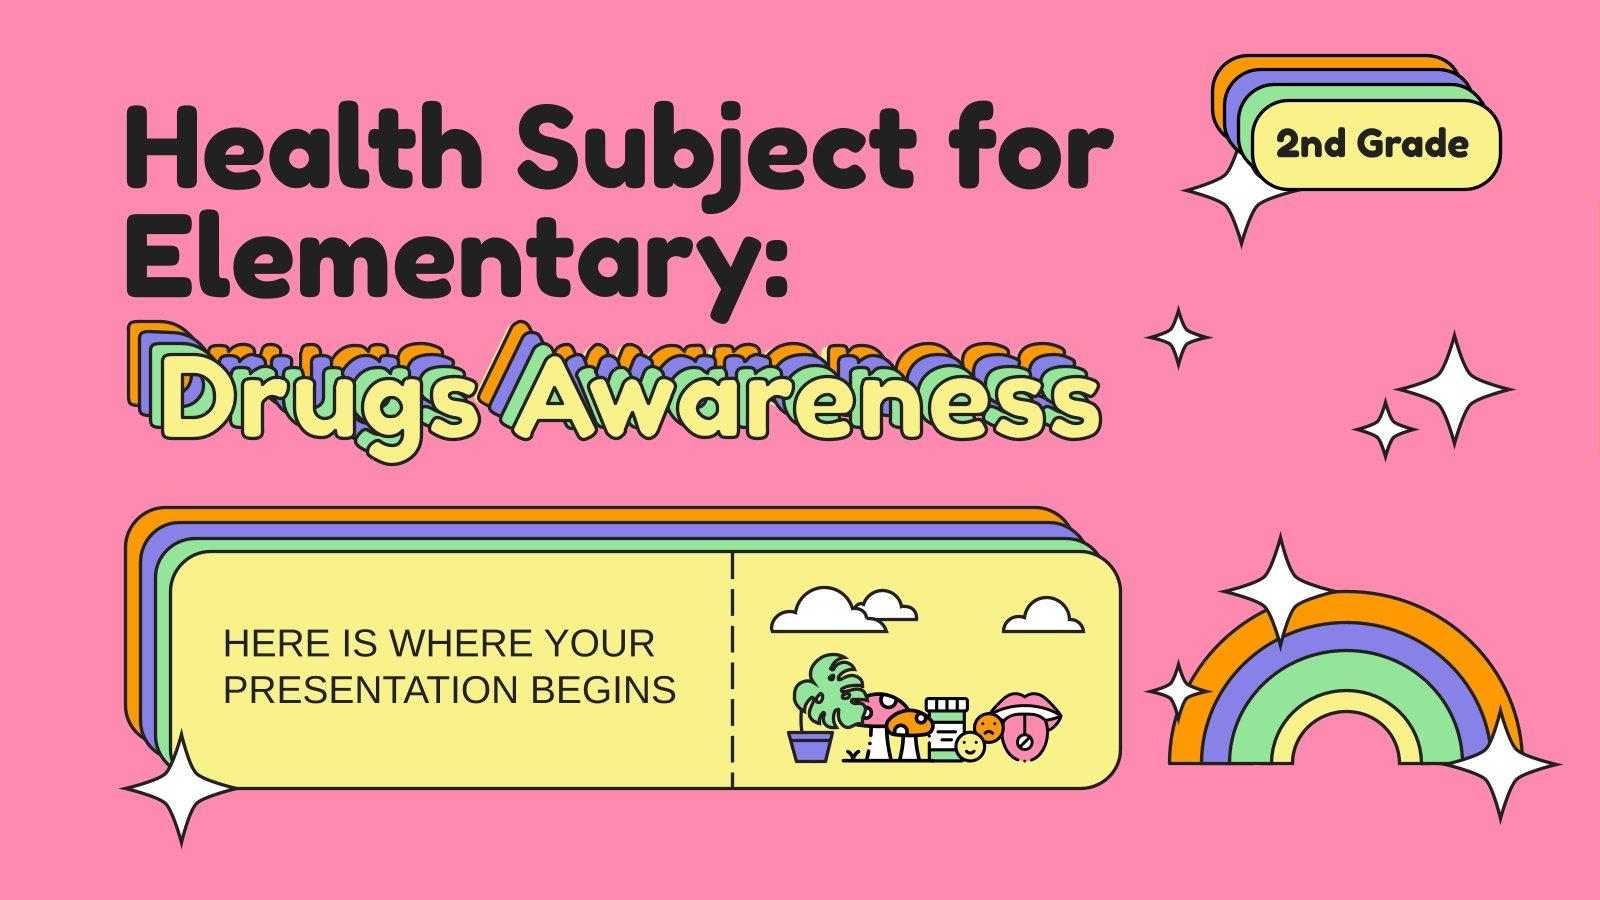 Modelo de apresentação Aula sobre prevenção de drogas para o 2º ano da escola primária